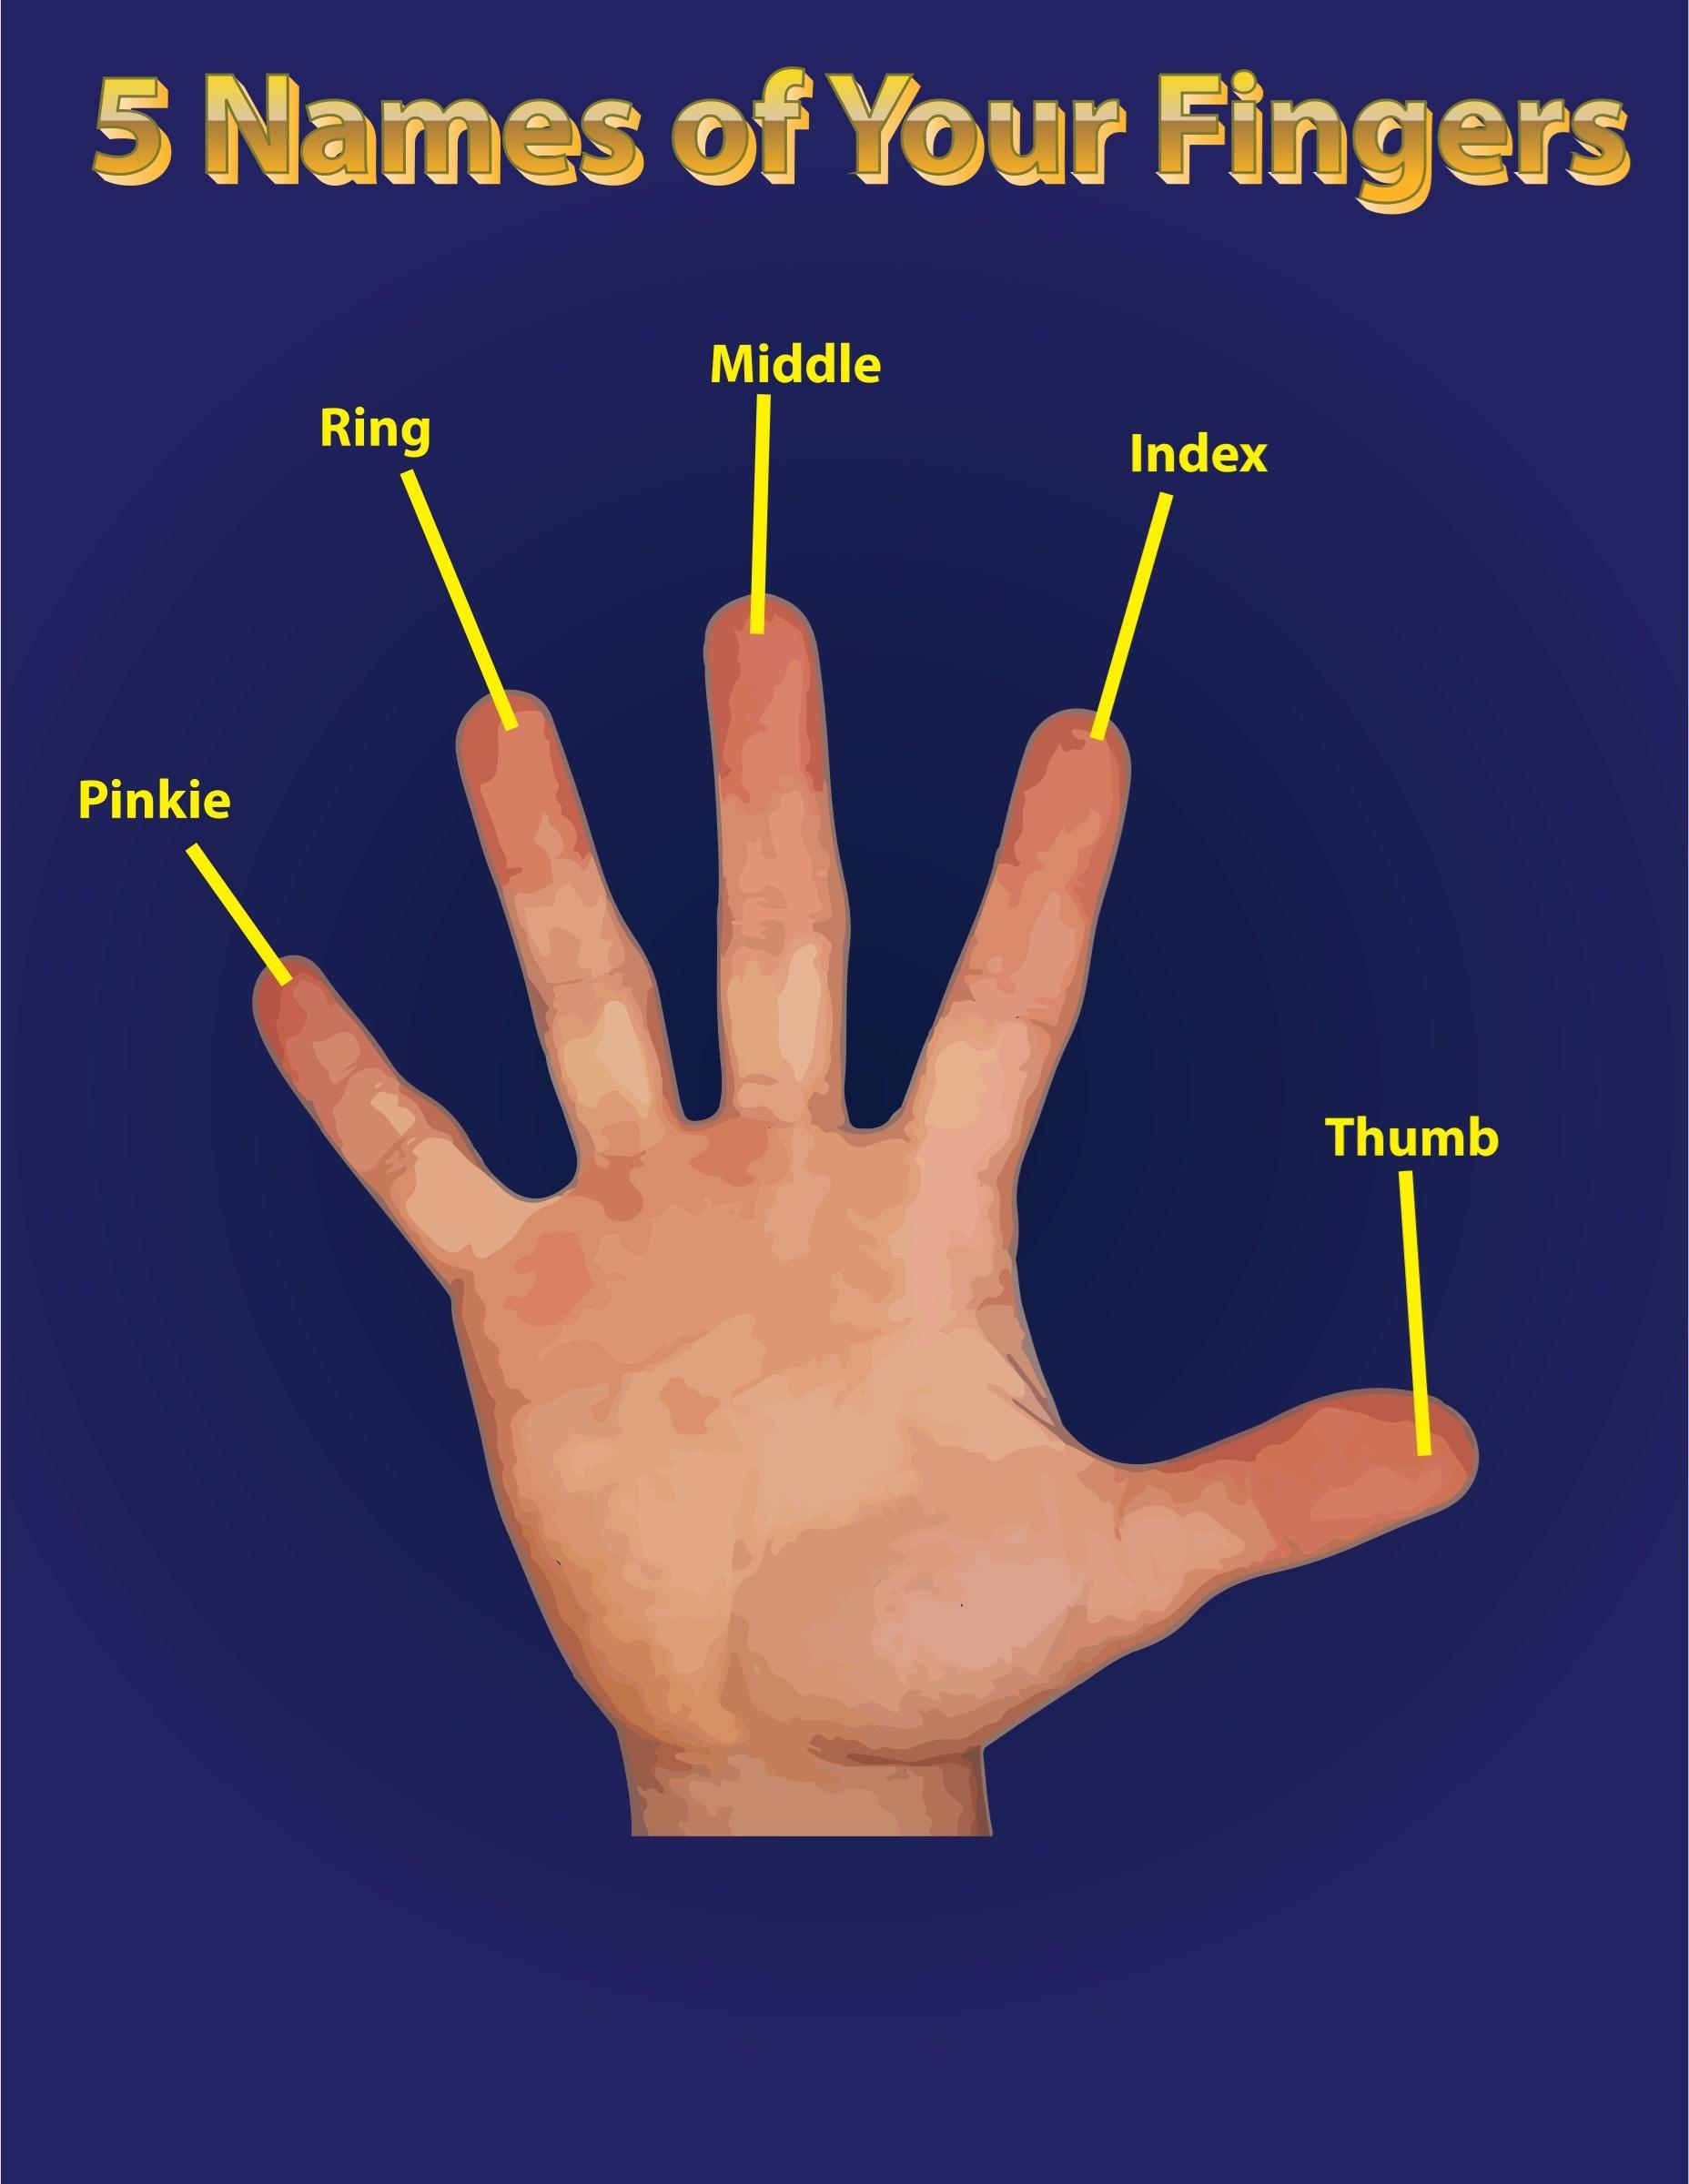 El Nombre De Nuestros Dedos En Ingles Toluna